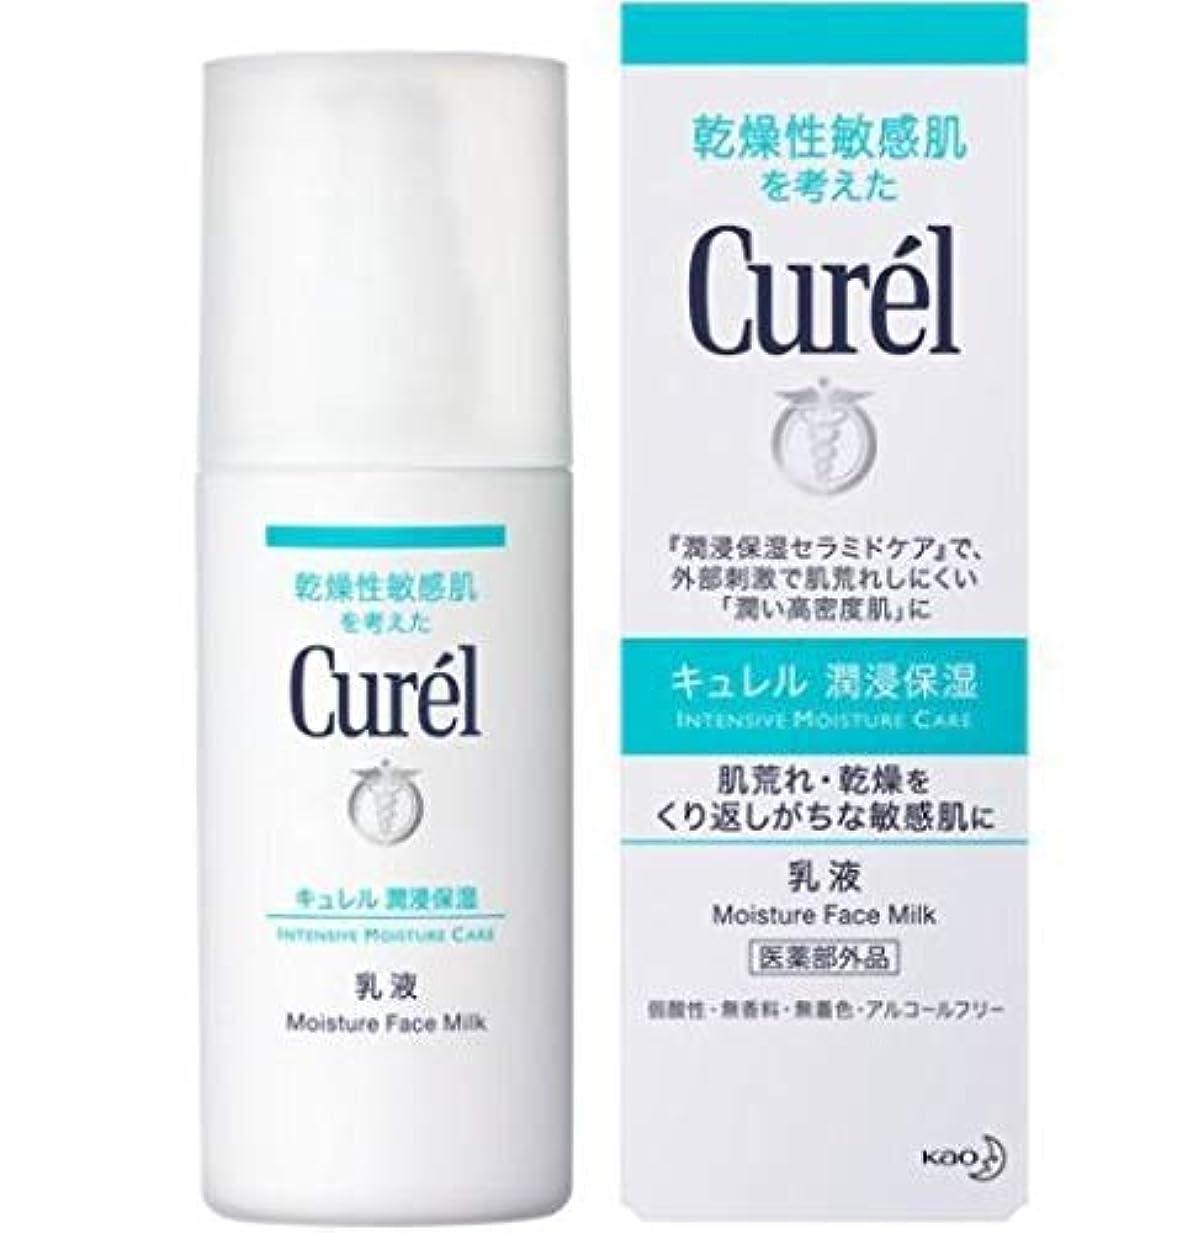 提供するマーキー干ばつCurél キュレルの保湿集中治療保湿フェイスミルクは120ミリリットルは、お肌の自然なバリア機能を向上させ落ち着かせると乾燥から肌を保護するために-helps